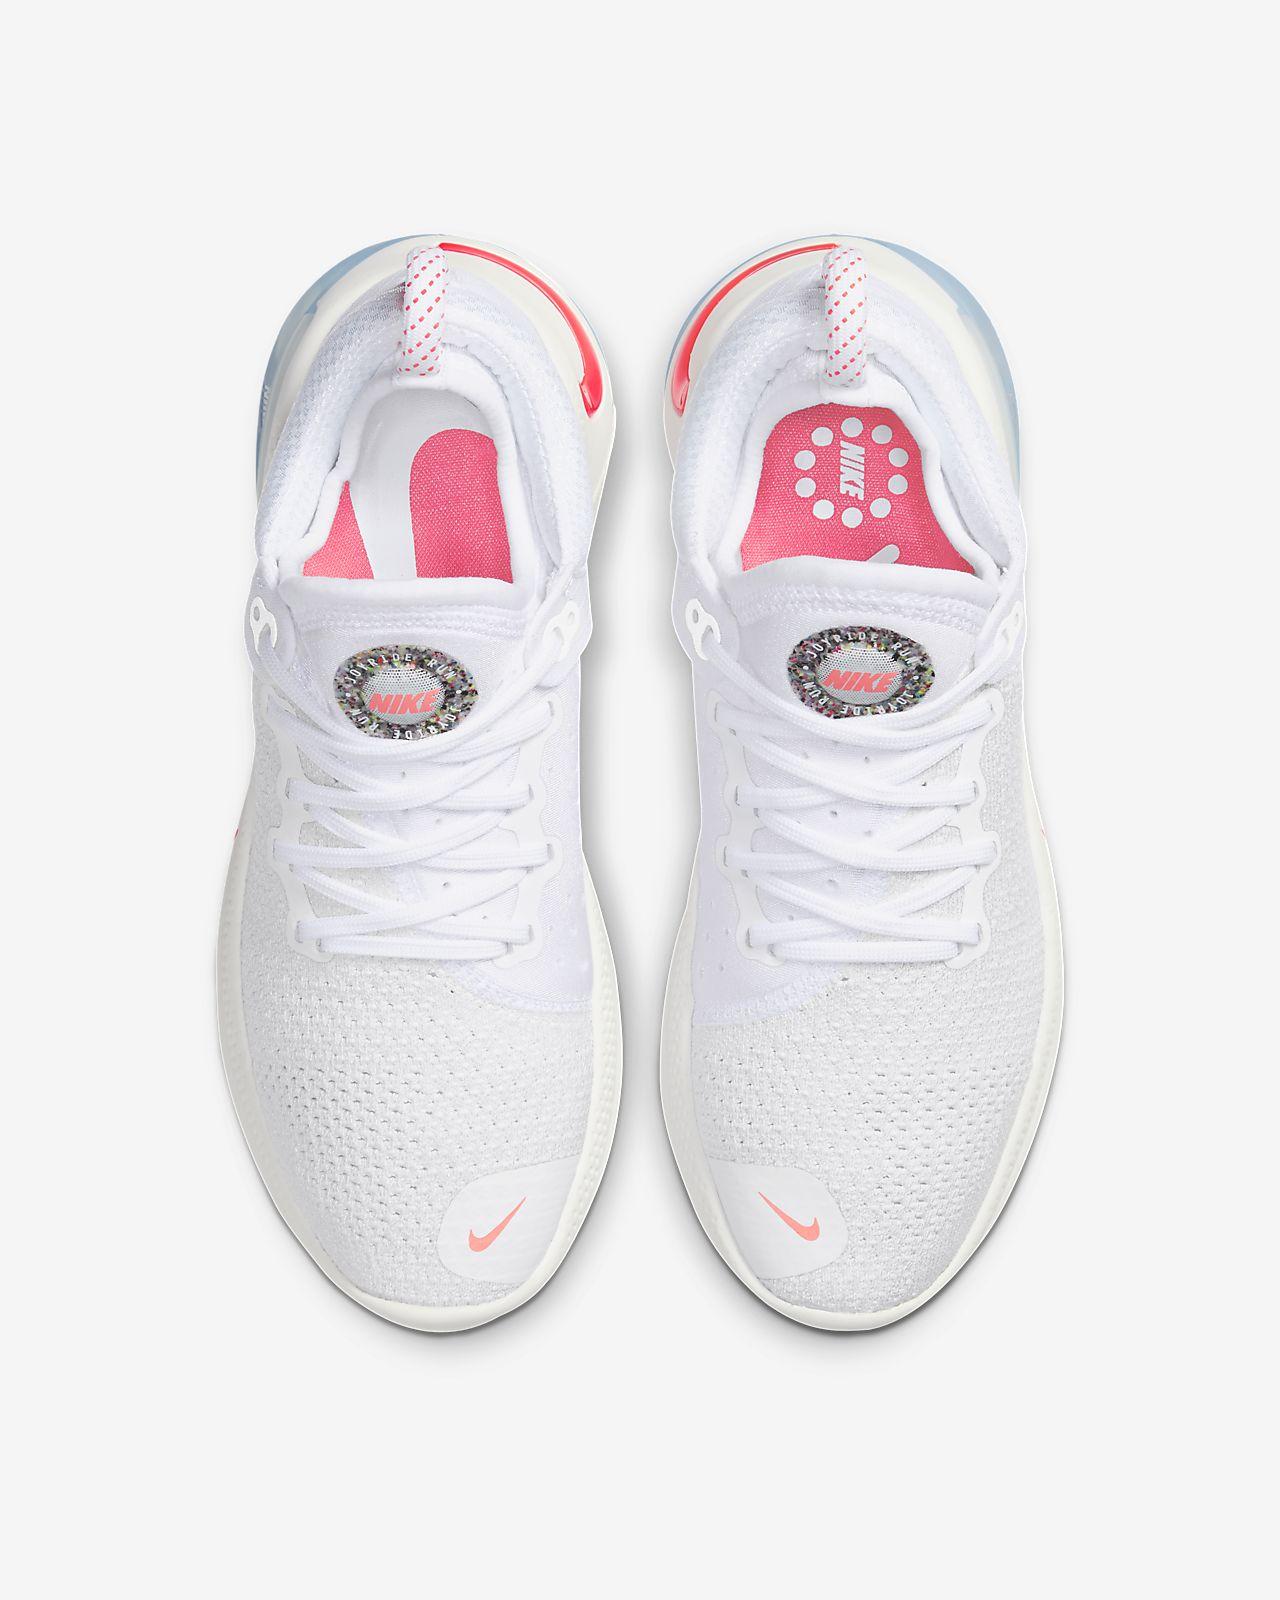 zapatillas nike sportwear mujer